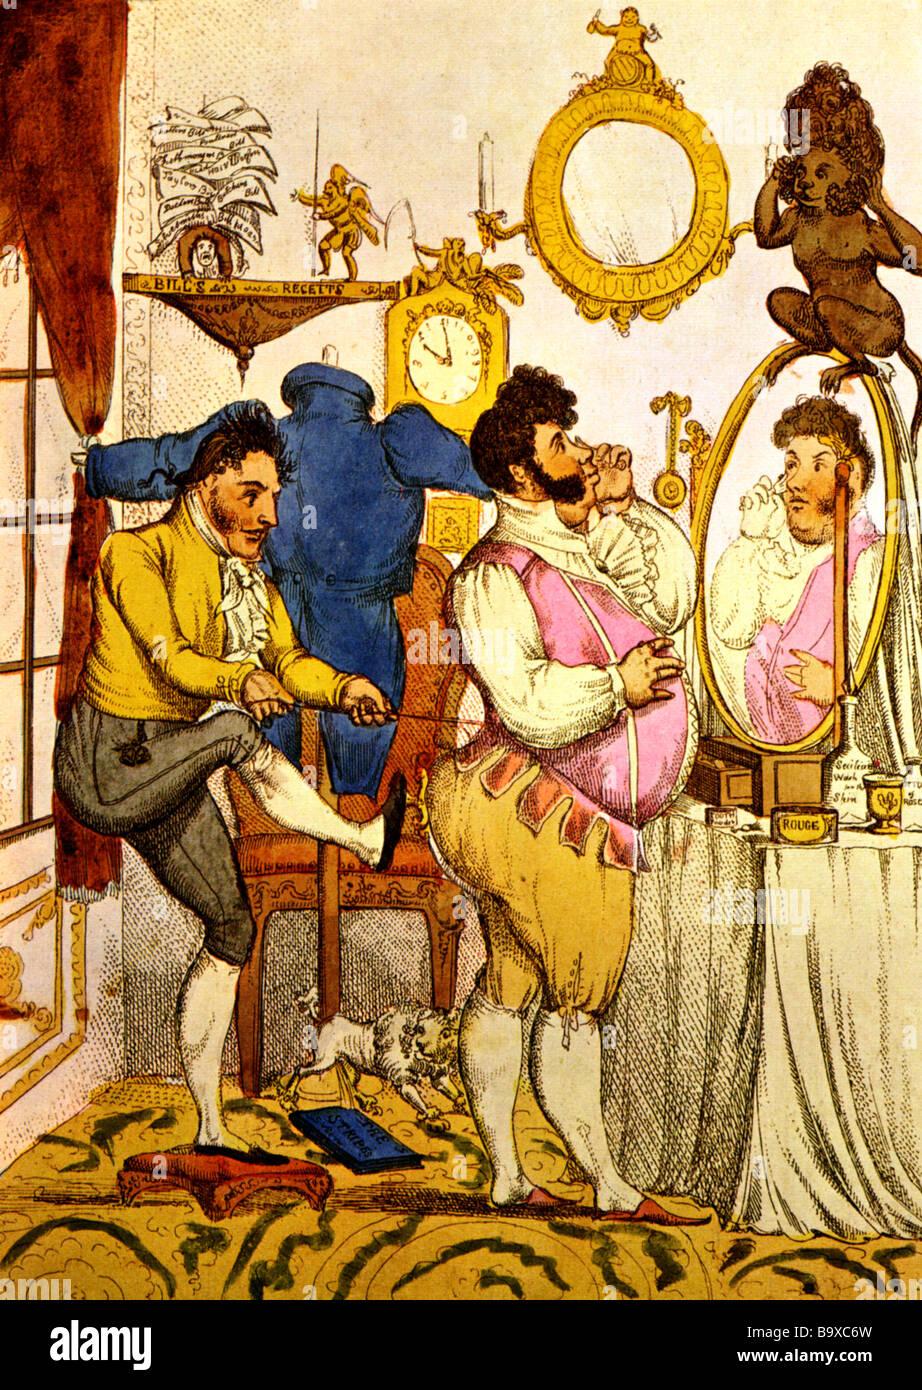 Image result for Prince Regent